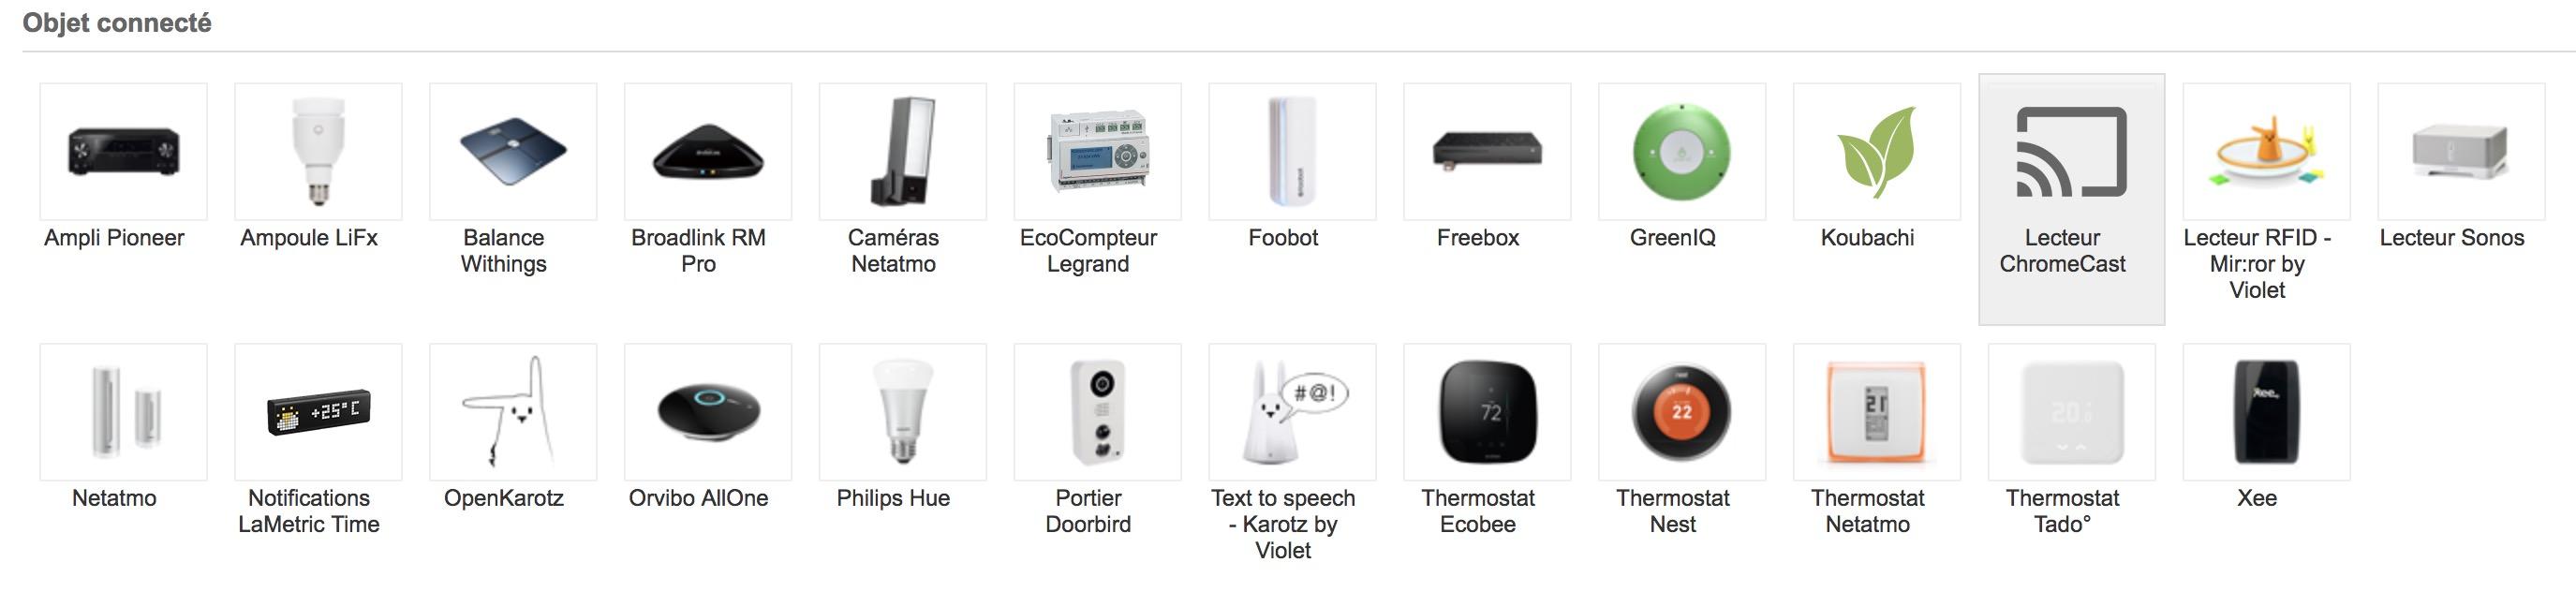 ajouter-objet-connecte-domoitique-eedomus-chromecast-google